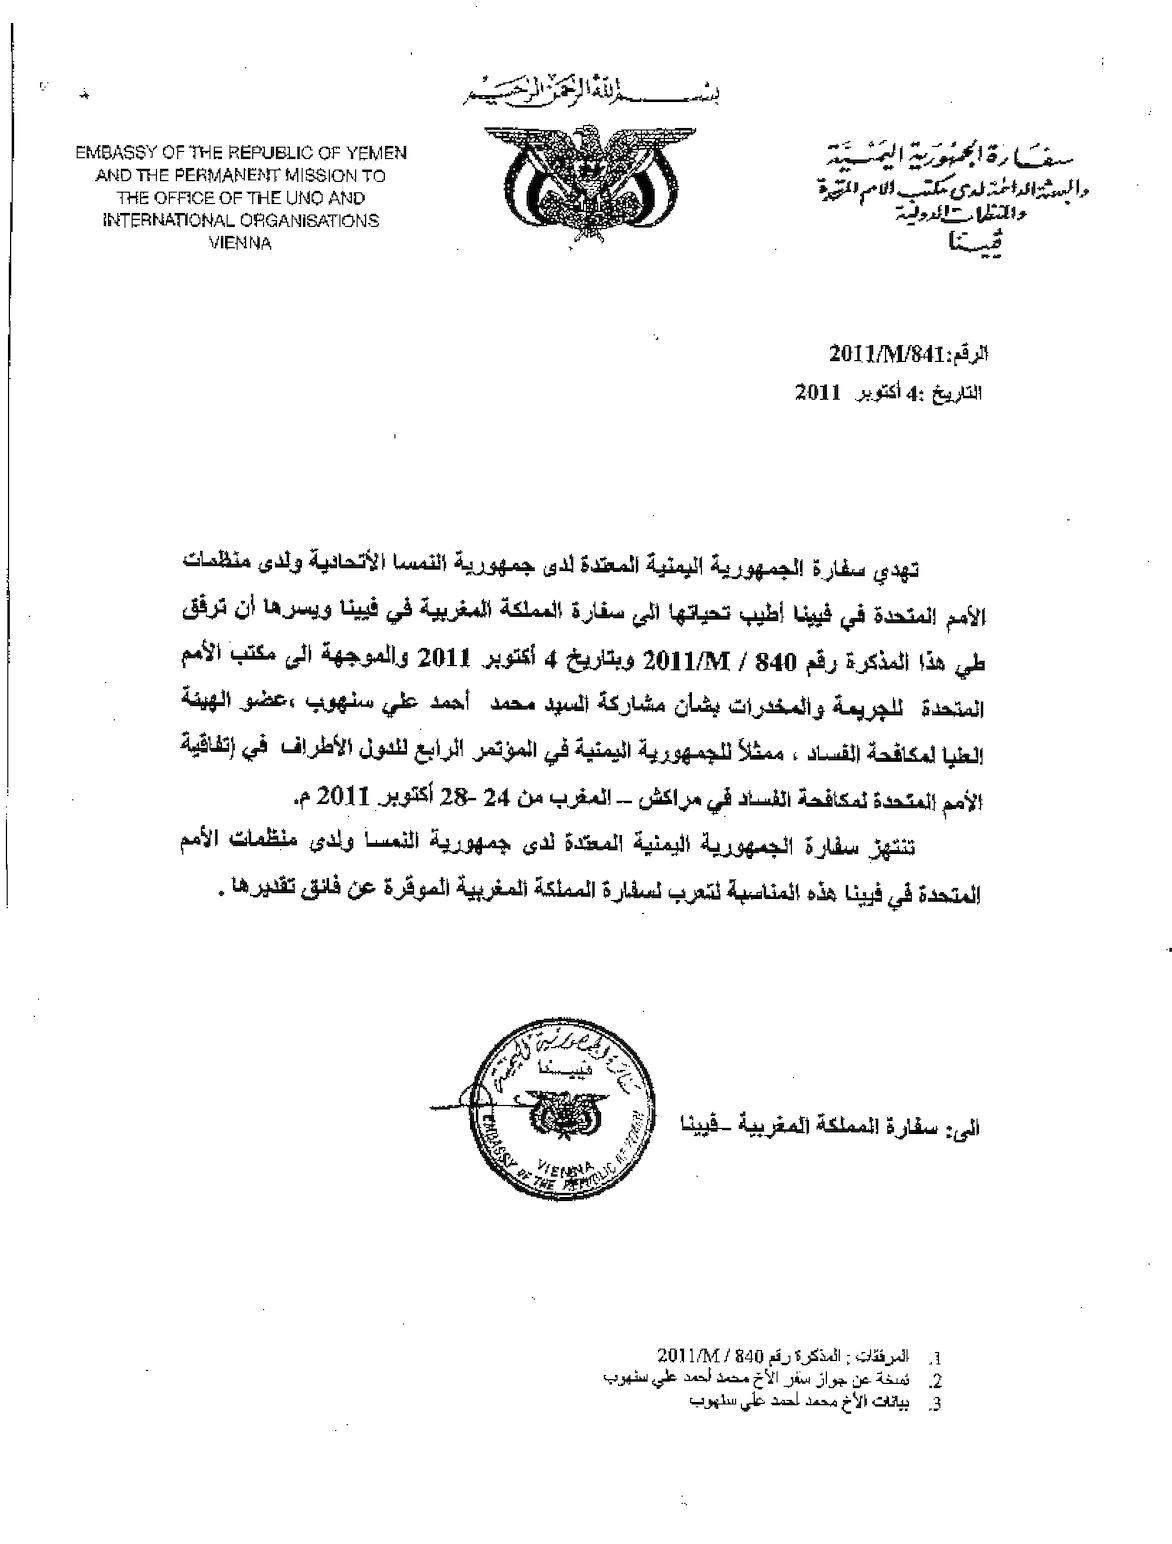 Ambassade Yemen à Vienne